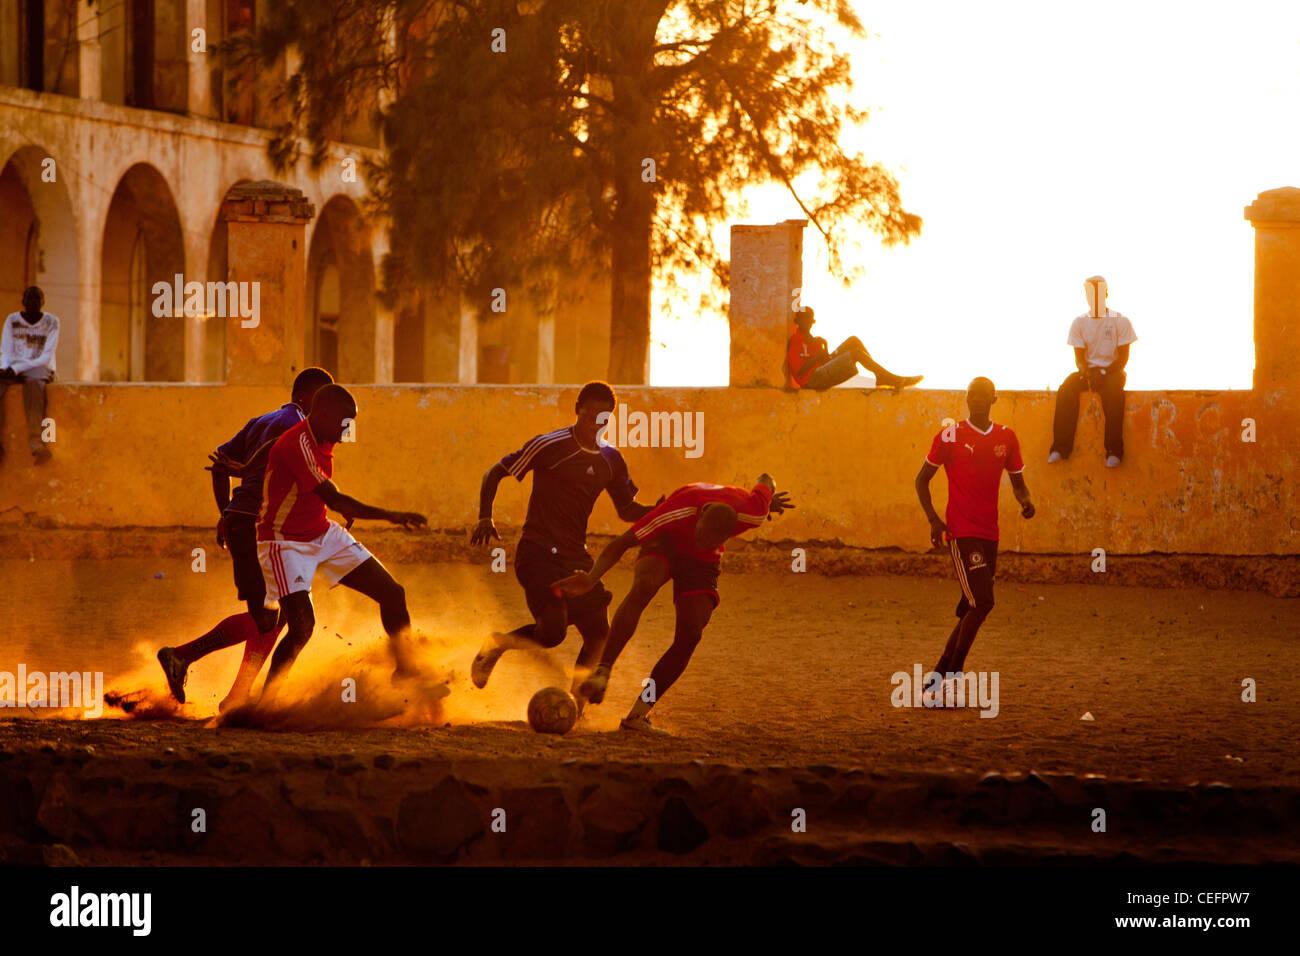 Le football sur la place principale de l'île de Gorée, au Sénégal. Photo Stock